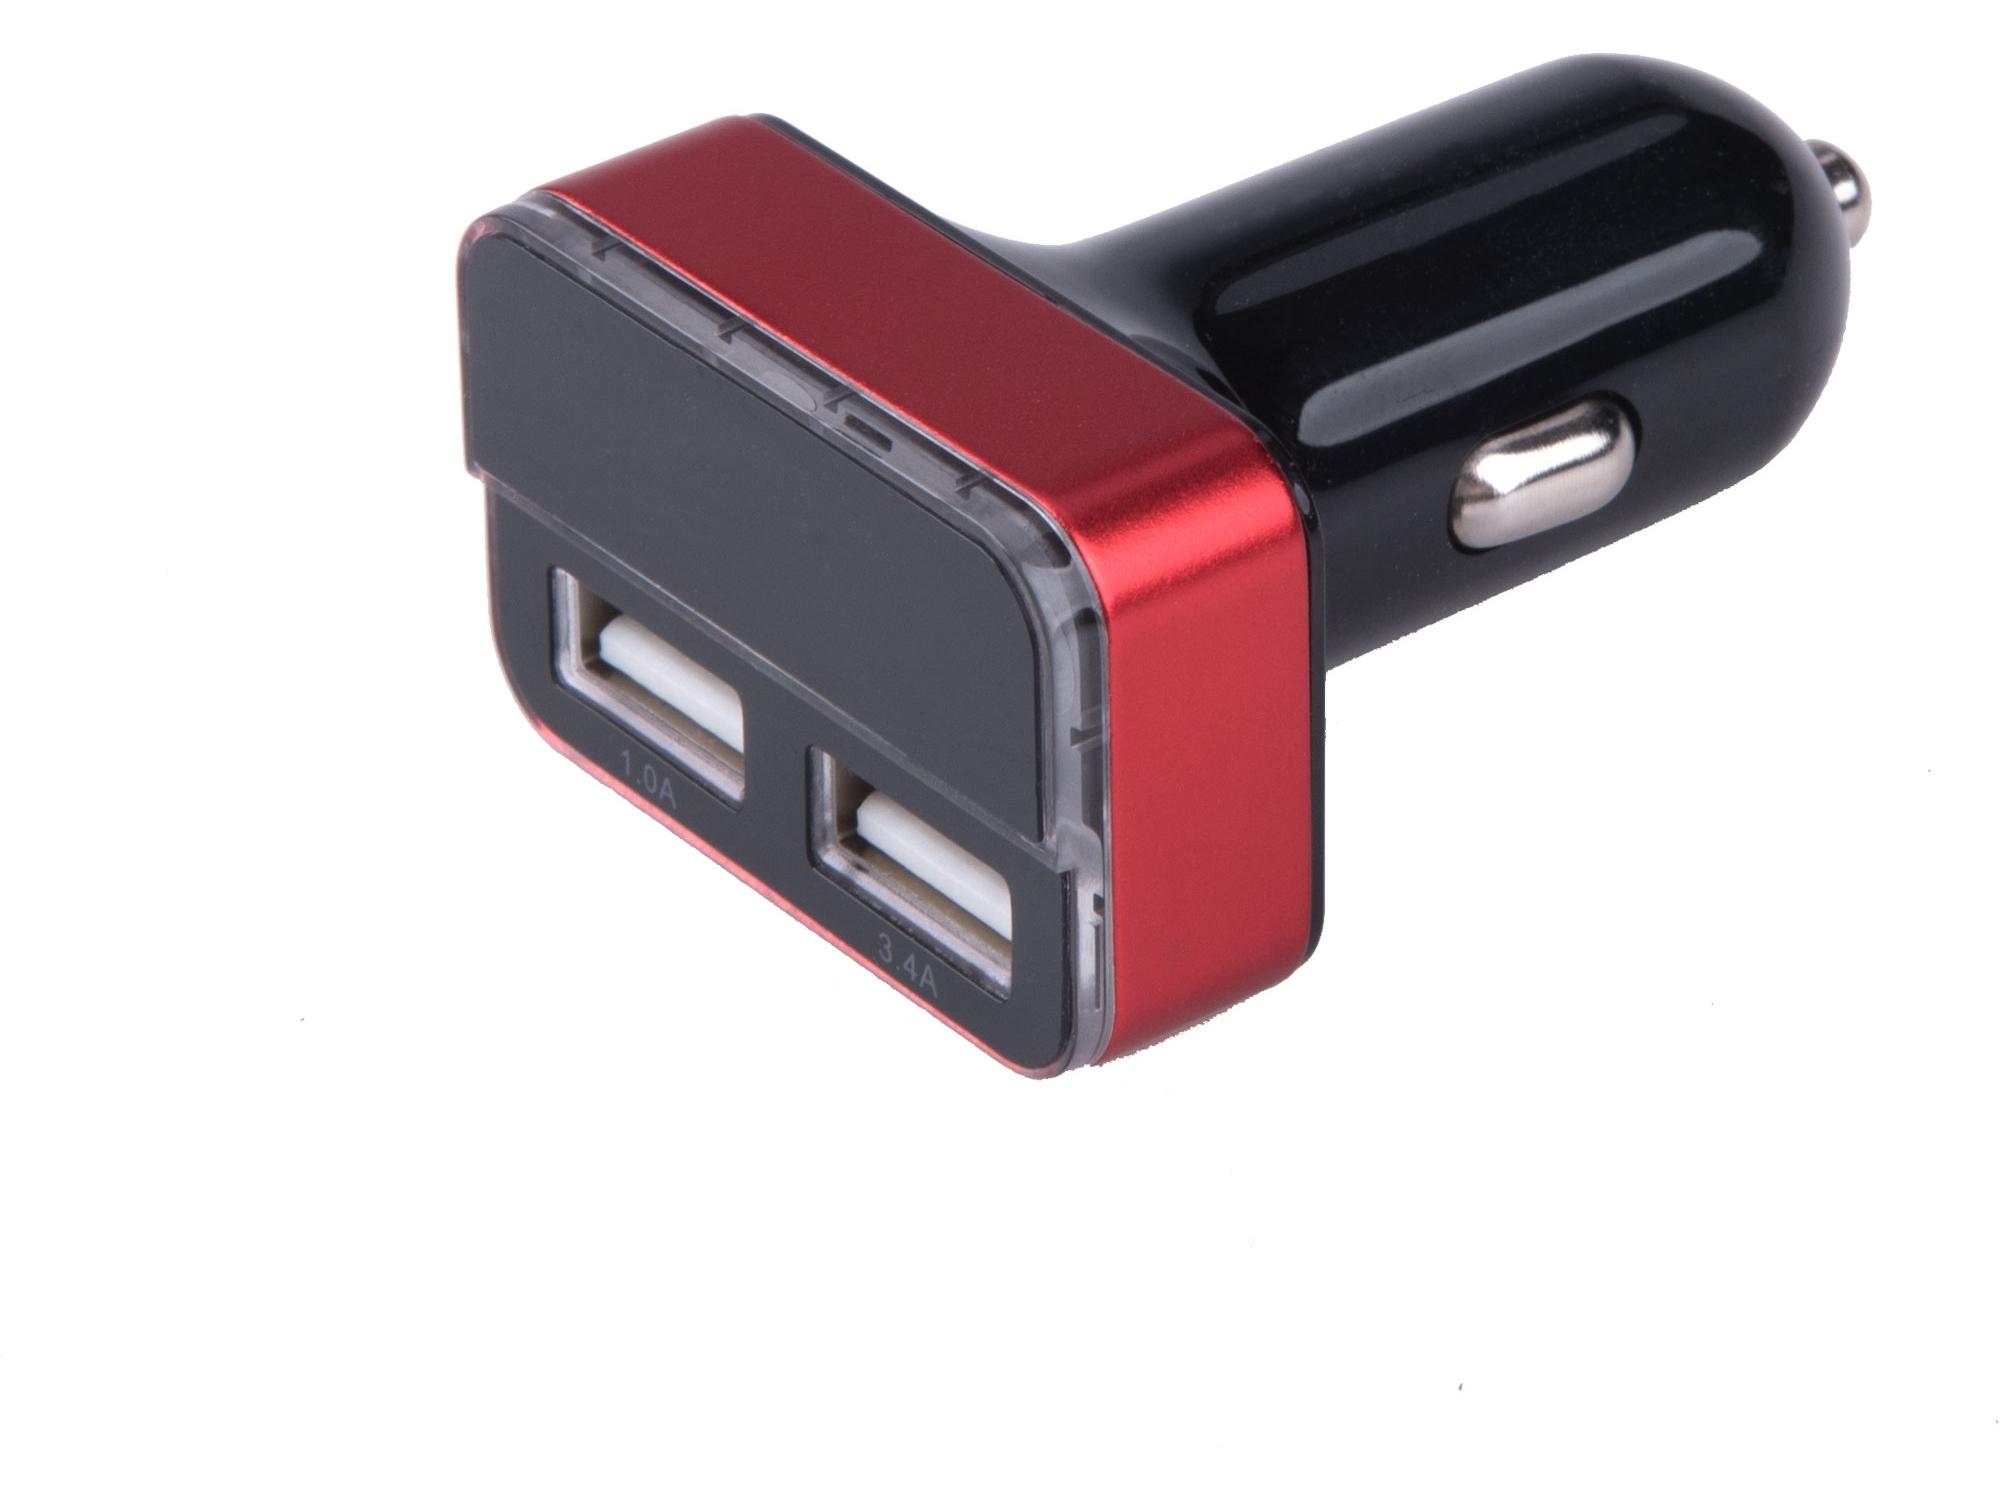 nabíječka USB do auta, 12/24V, 2xUSB, měřič, 3,4A, 17W